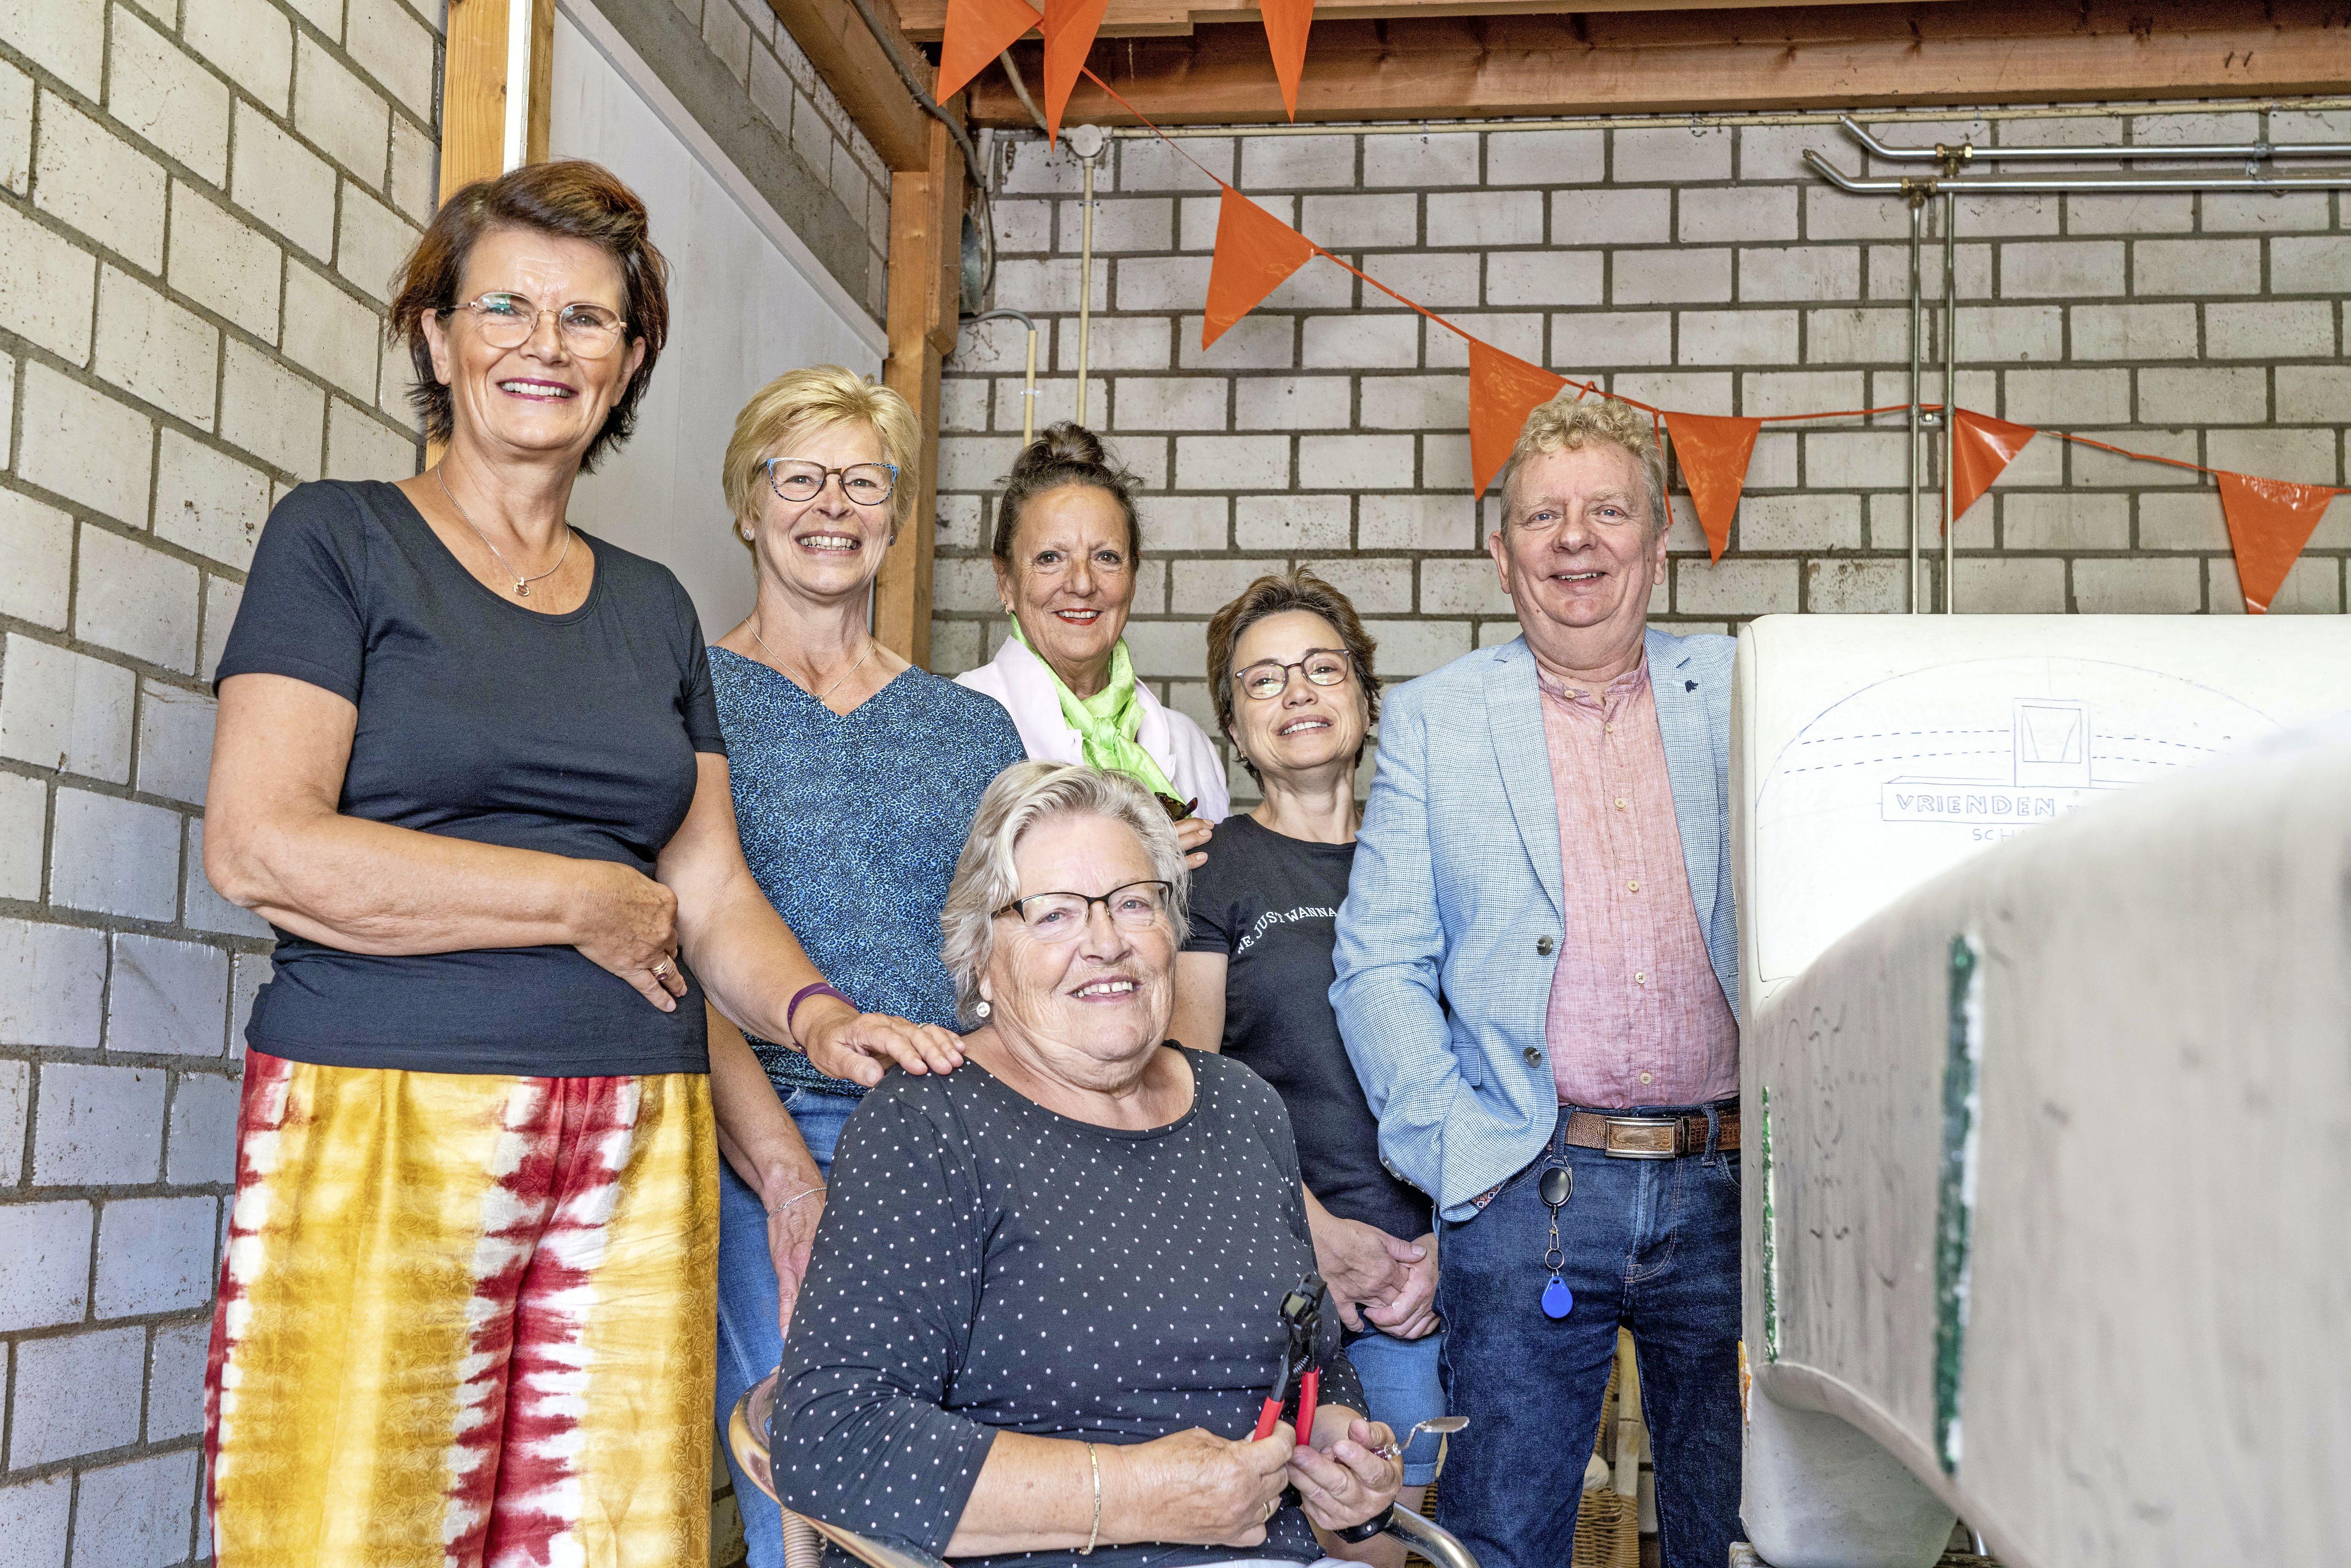 Bewoners van het Max Plazierhuis in Schagerbrug beplakken hun social sofa met mozaïeksteentjes. Het zijn weer nieuwe momenten die ze samen creëren